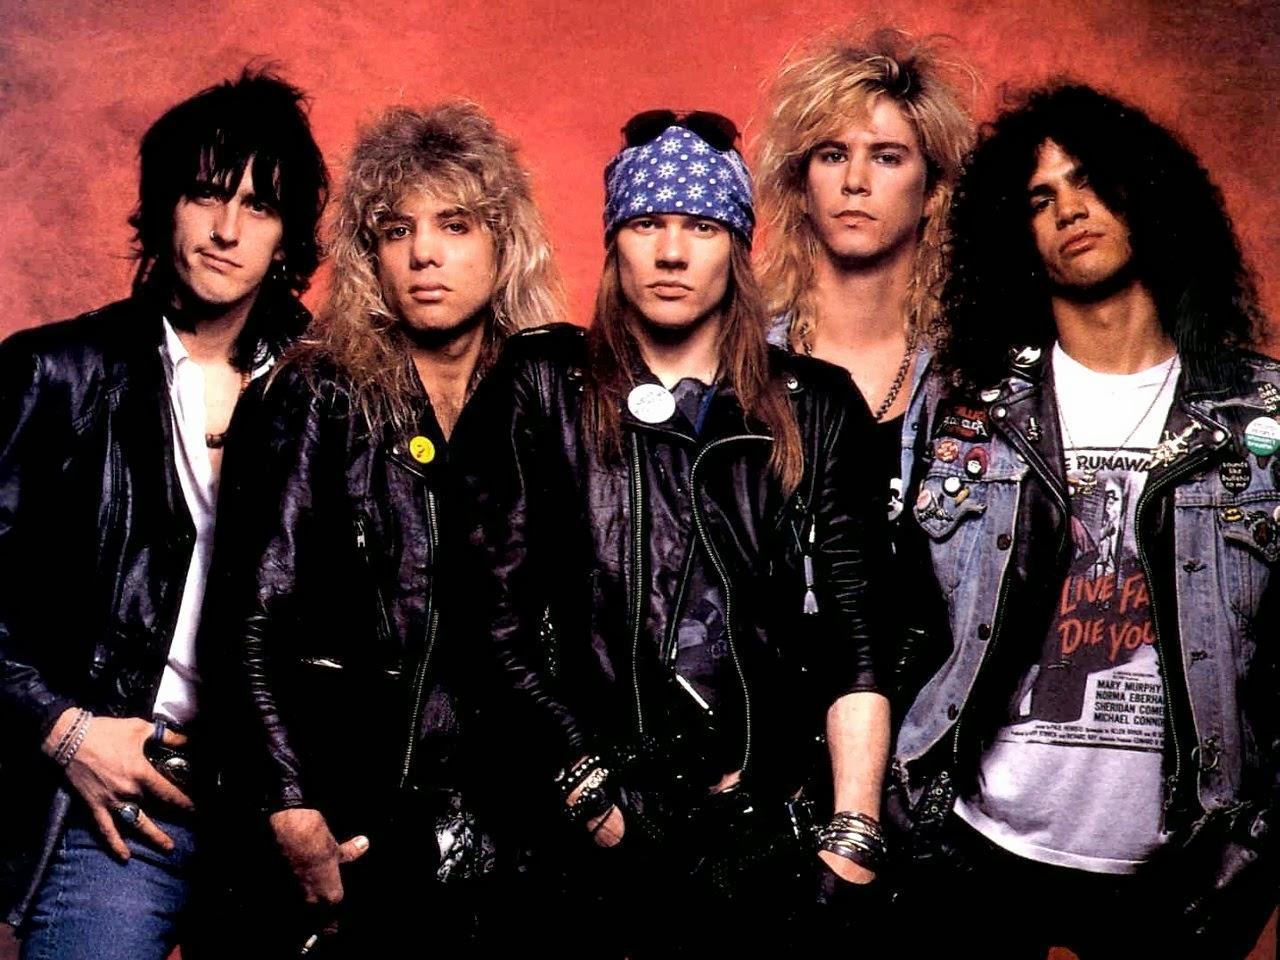 Profil dan Biografi Lengkap Guns N' Roses